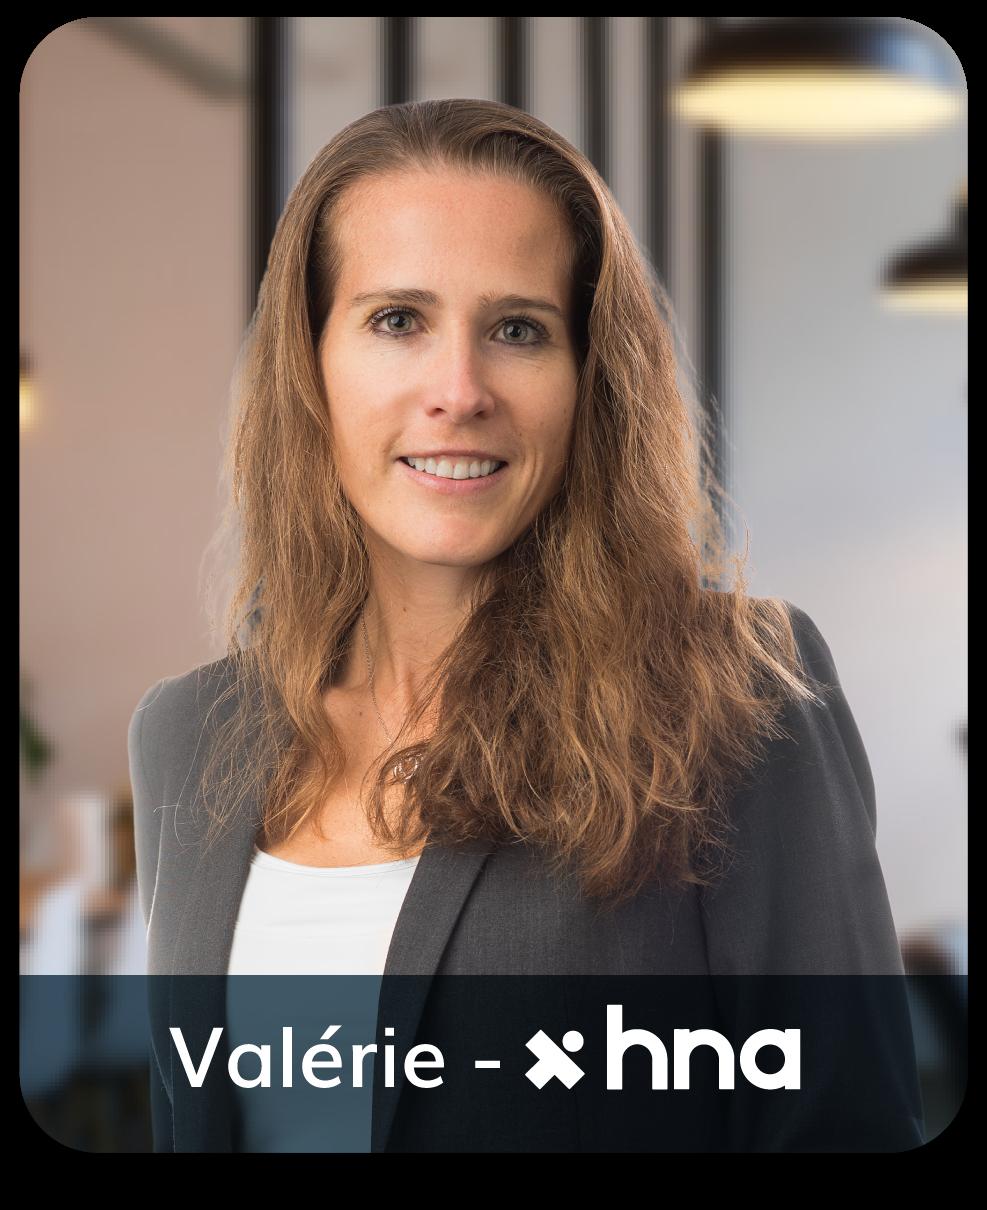 Valérie HNA positive leader